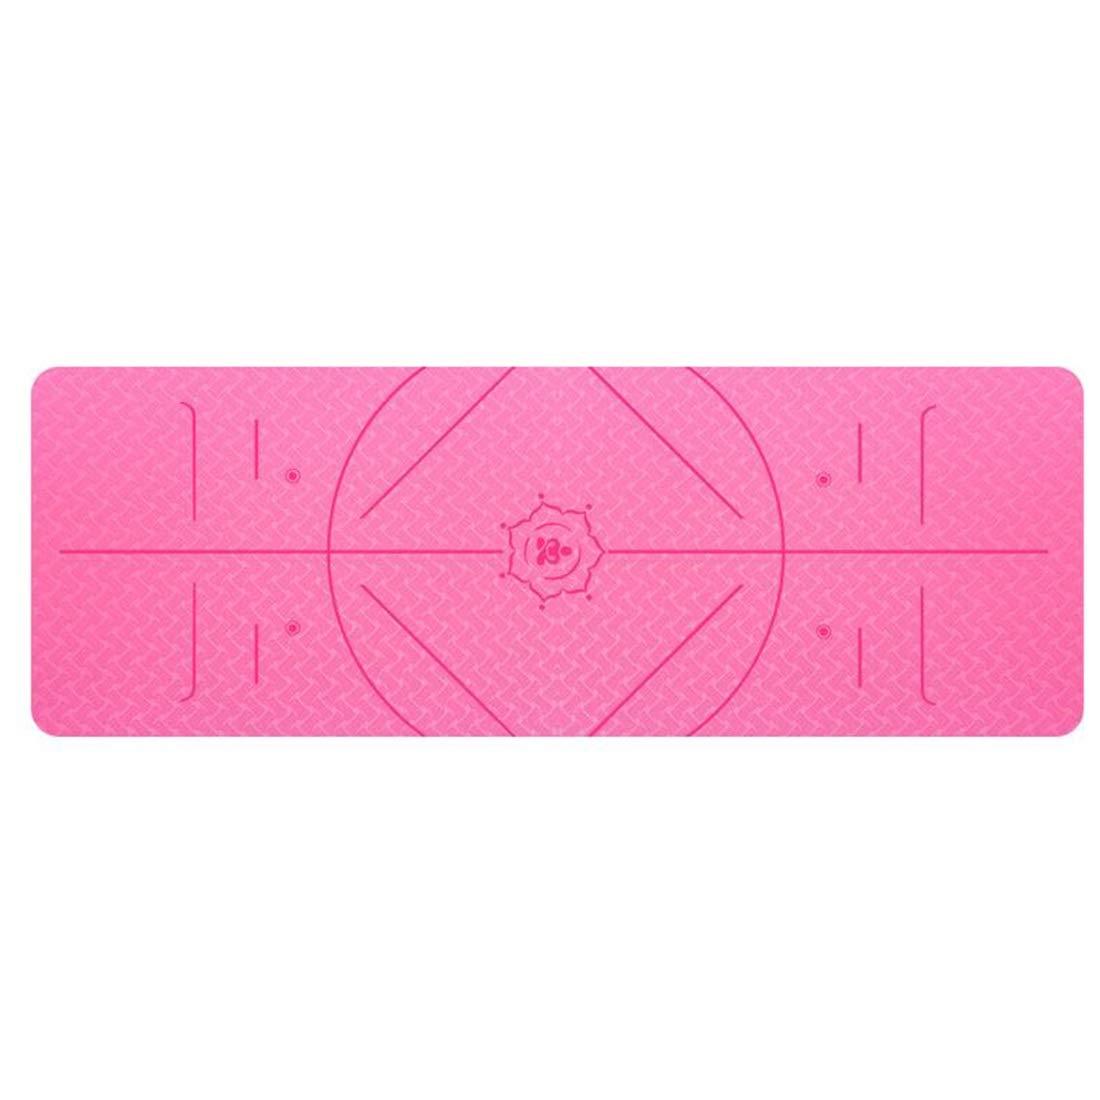 Rose Xasclnis Tapis de Yoga avec Sangle - Tapis de Yoga 6   8mm épais, antidérapant, léger, écologique, très Grand 72 X 24    72 X 31.5  pour Exercice de Fitness Yoga Pilates 183cmX61cm6mm